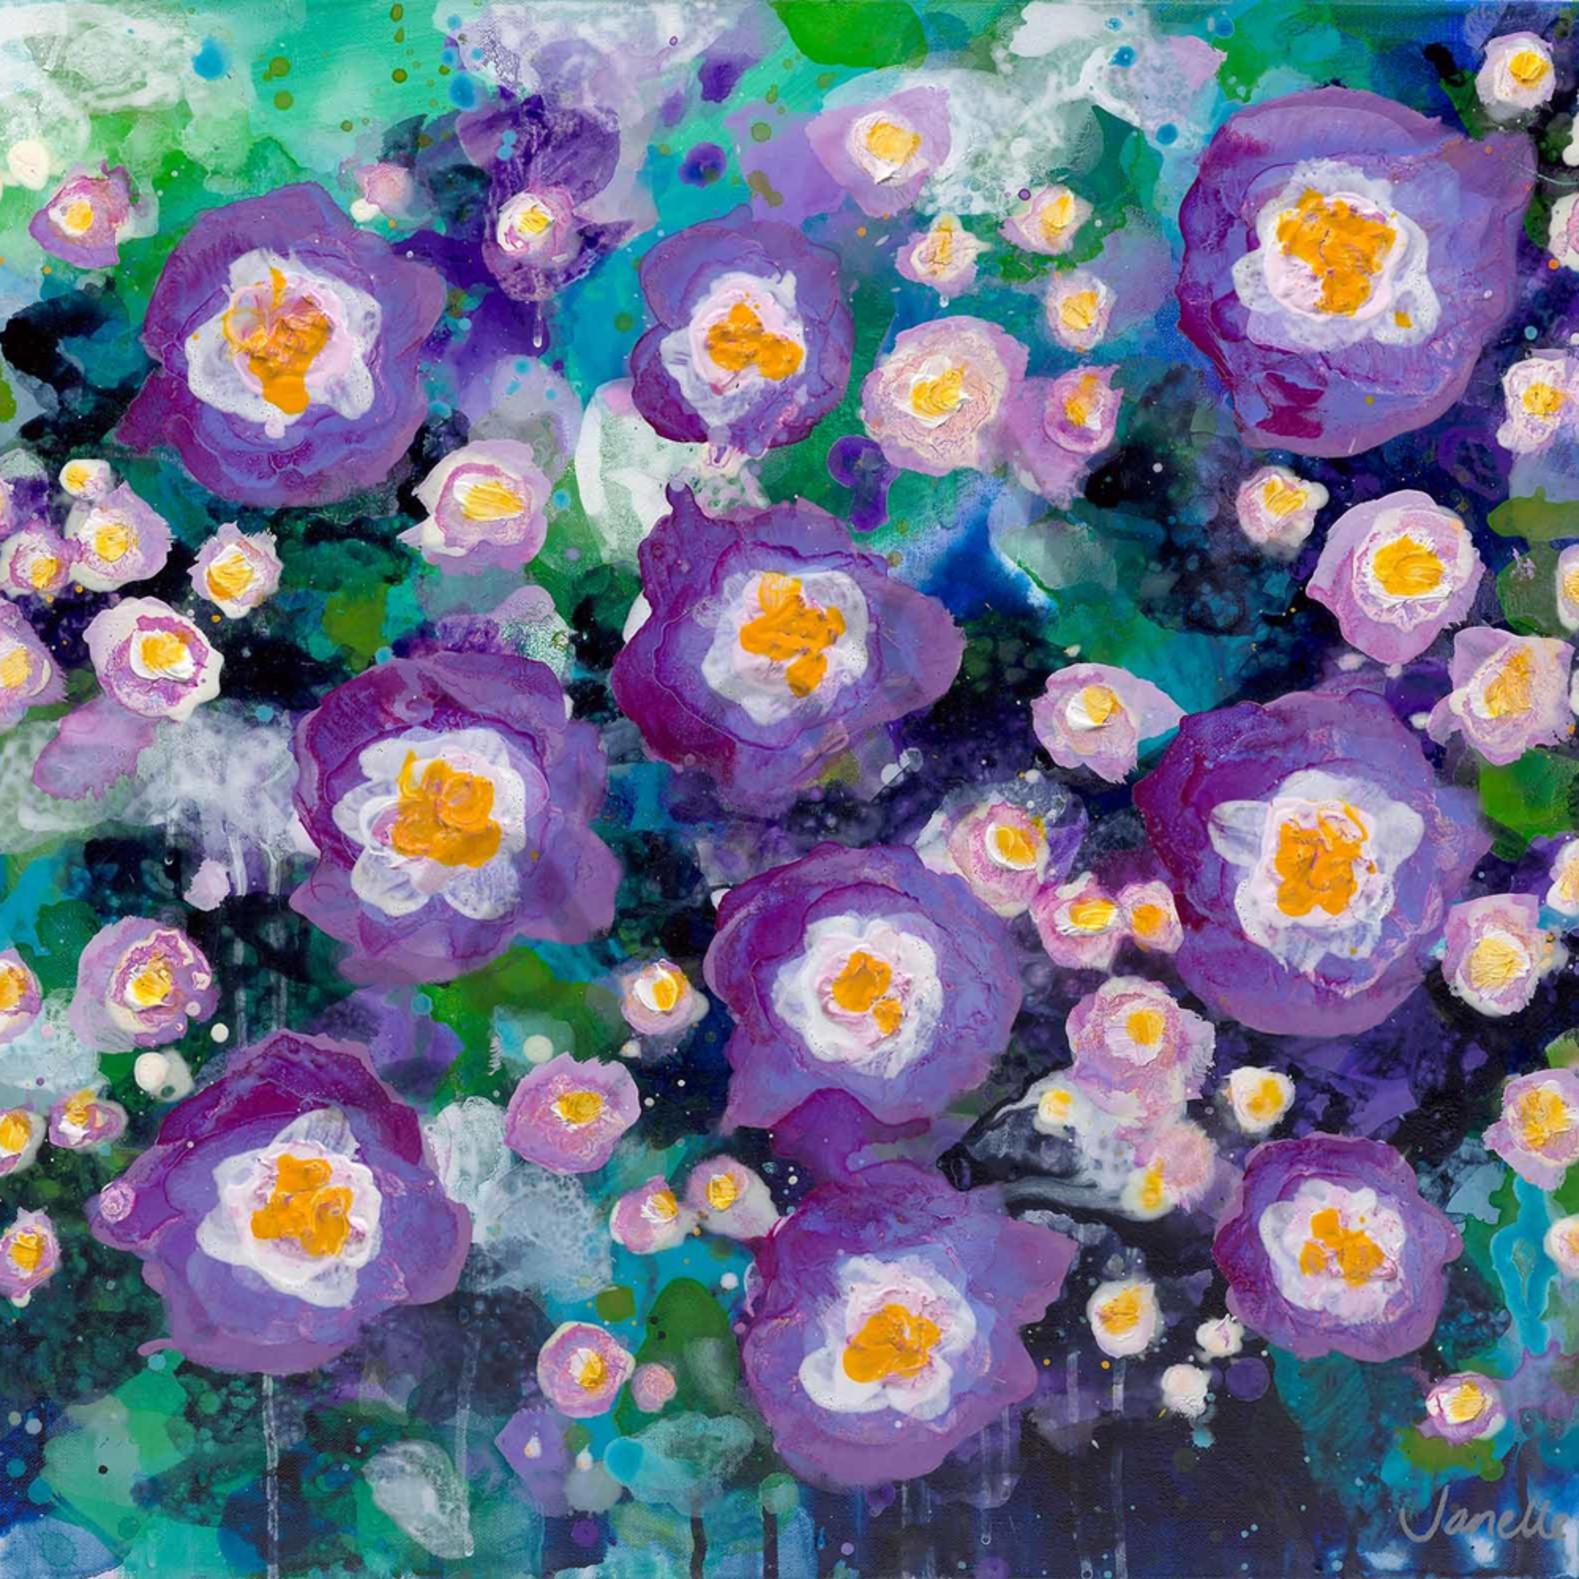 Janelle bowra 011 purple flowers 2000px fl2nw2